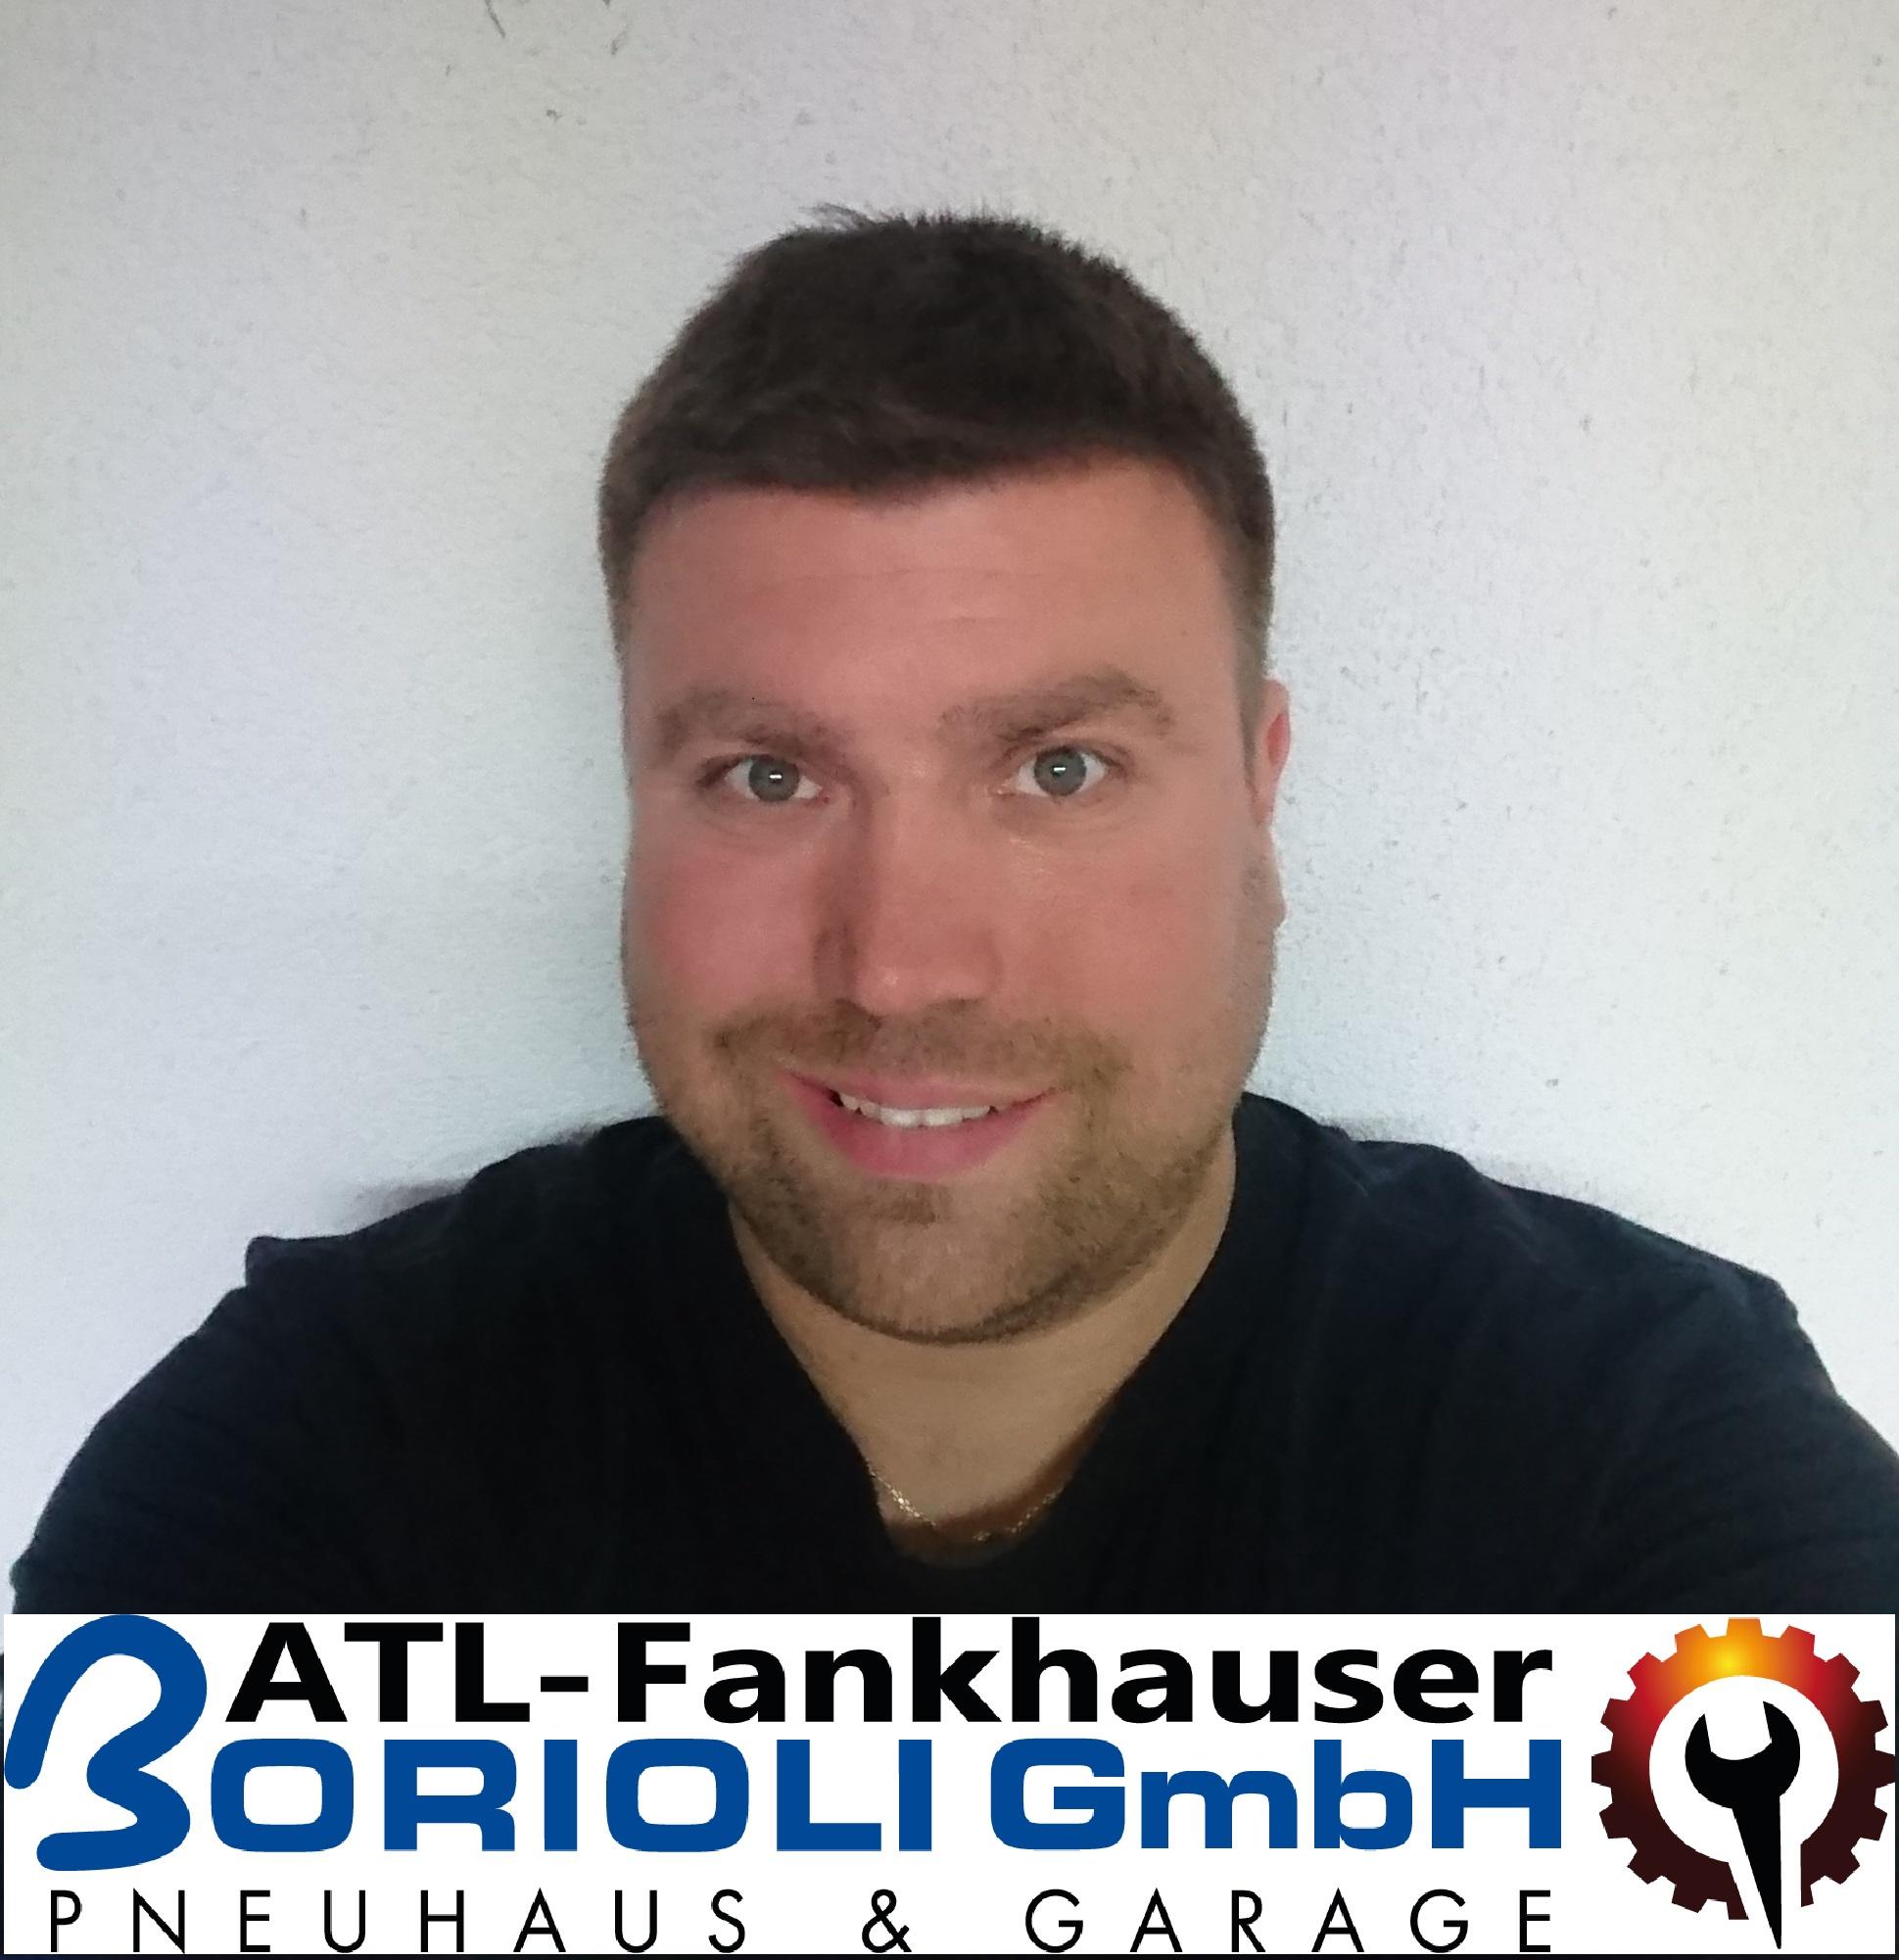 Borioli Pneuhaus und Garage GmbH